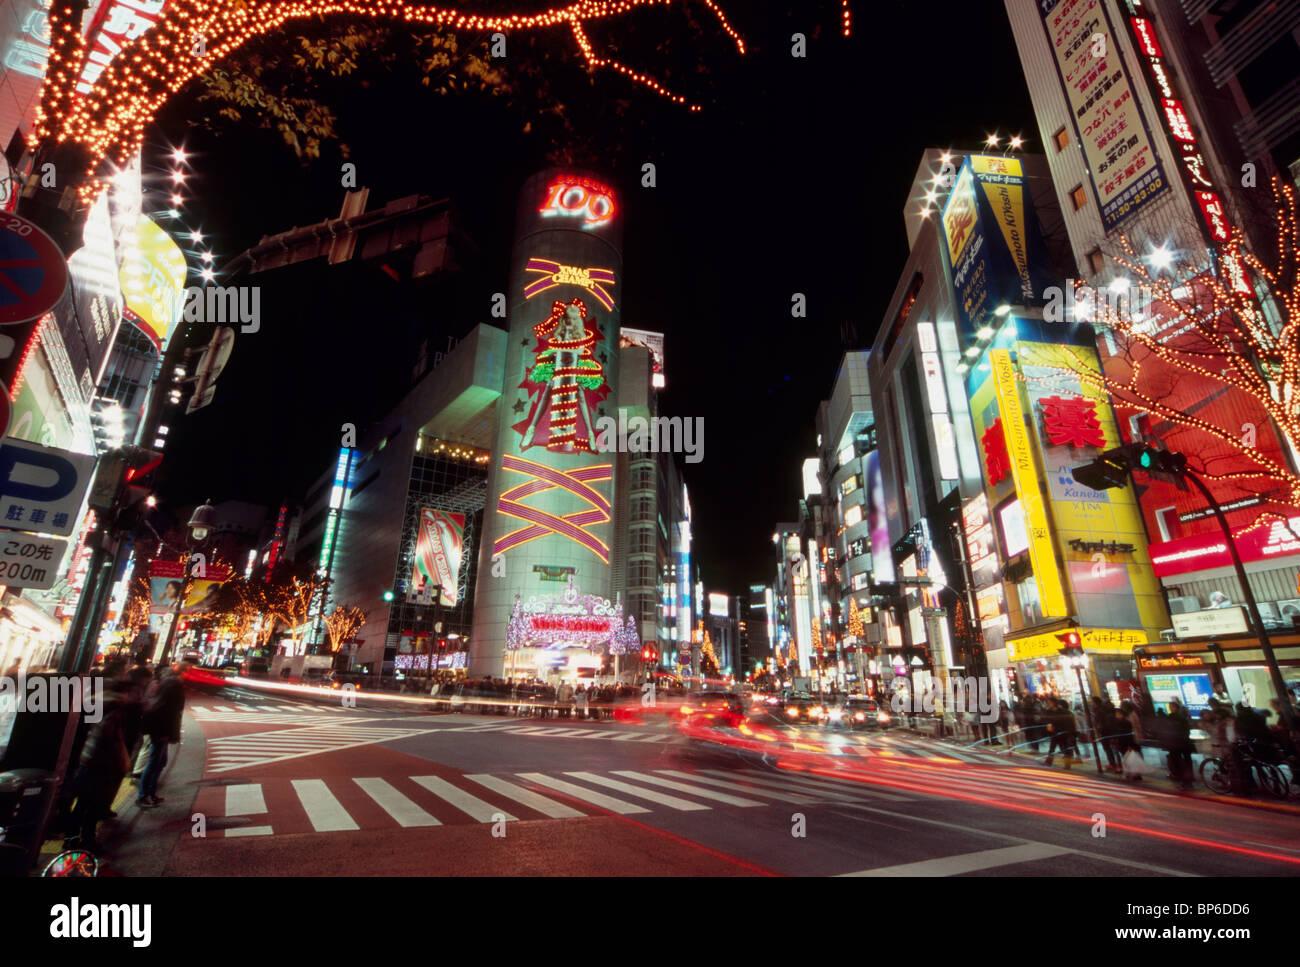 Allumé Dogenzaka, Shibuya, Tokyo, Japon Banque D'Images